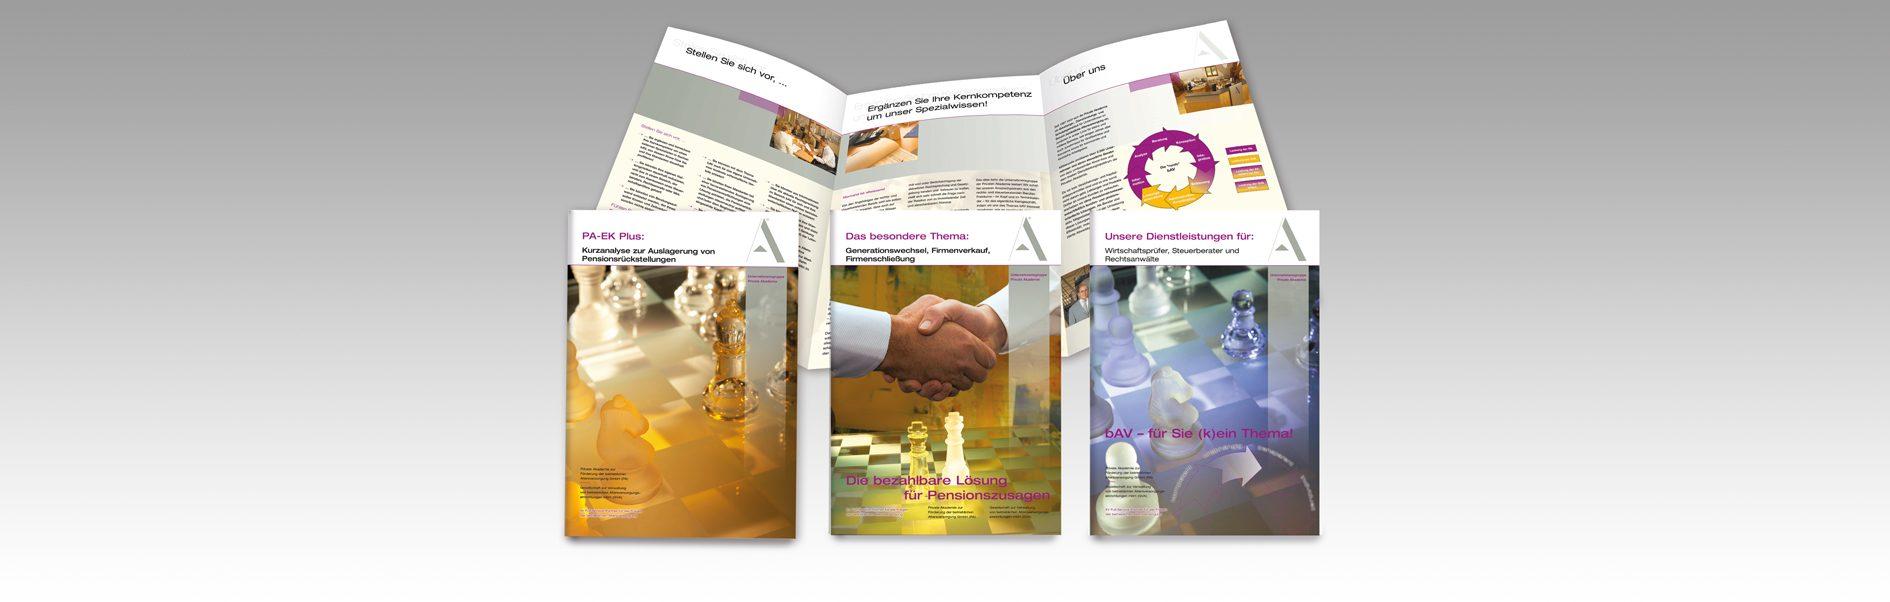 Hier isind die 3 Folder unseres Kunden Private Akademie abgebildet.